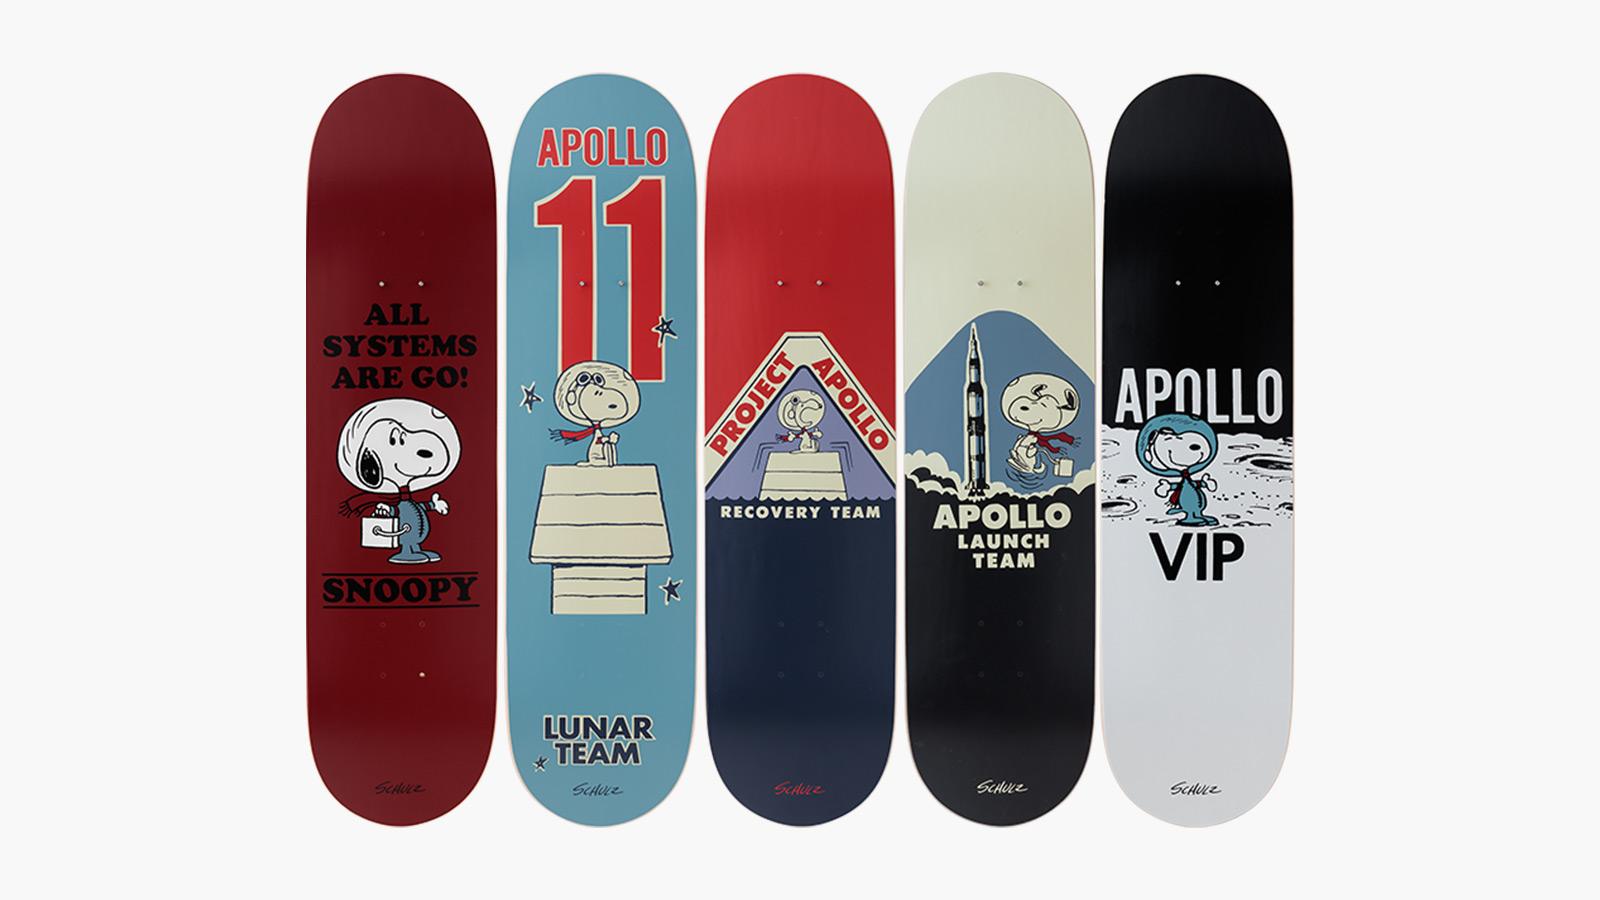 The Skateroom Peanuts 'Apollo' Collection